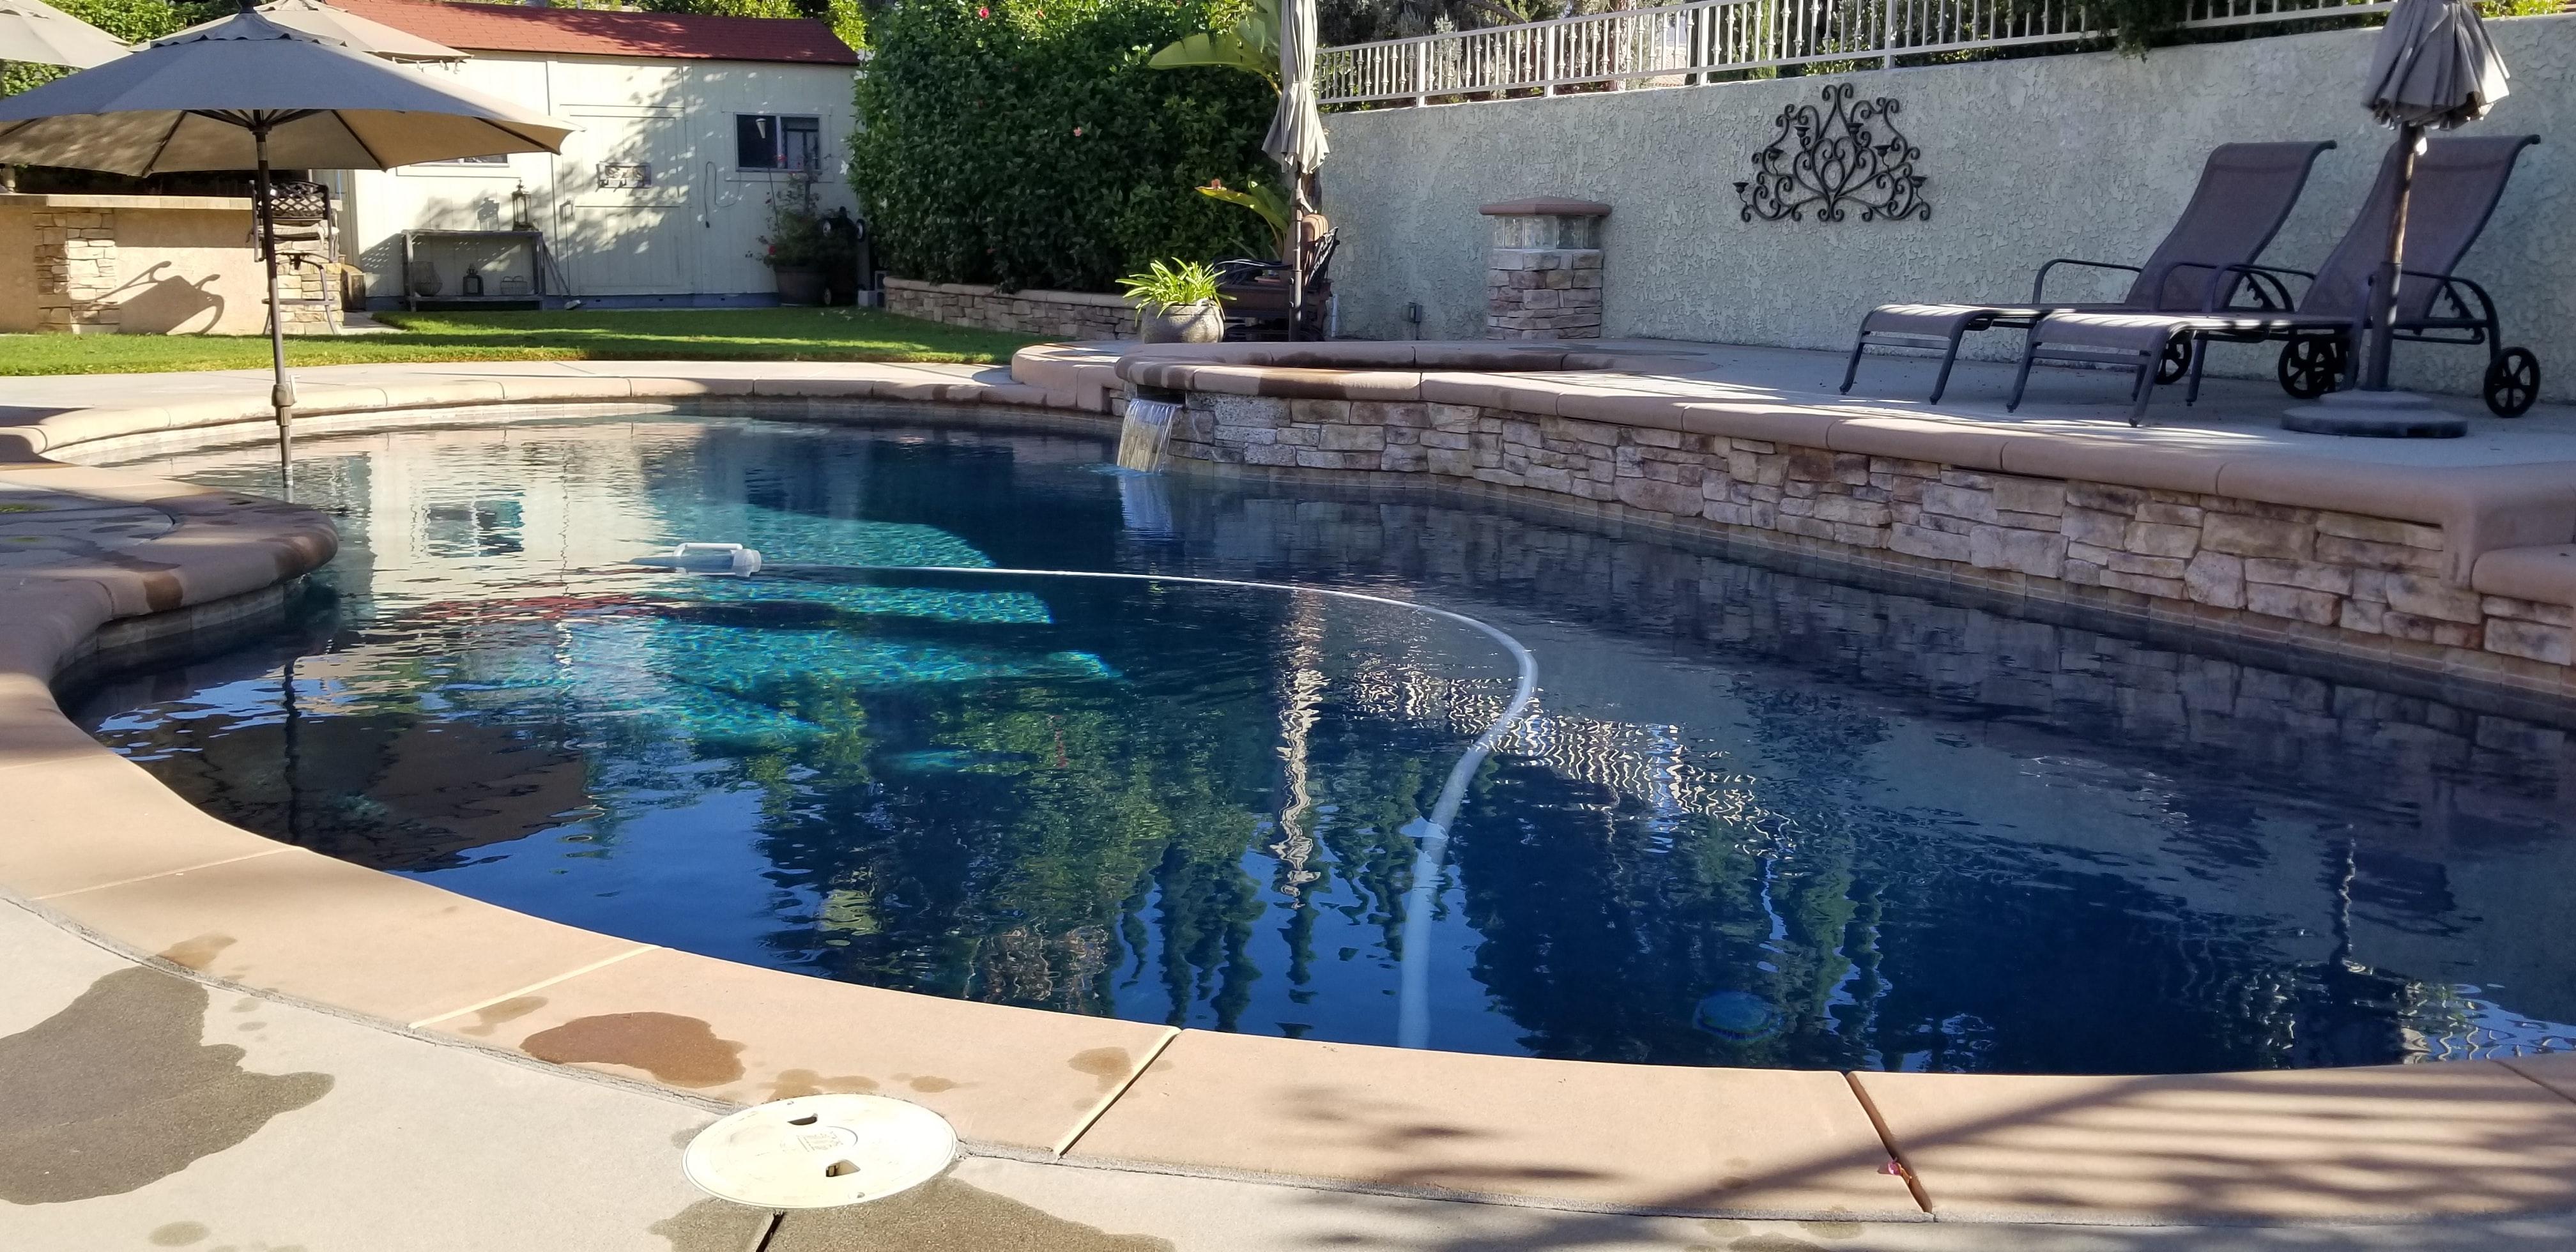 Na kvalitě zpracování bazénu a jeho okolí není radno šetřit, investice se vrátí v dlouhé životnosti bazénu